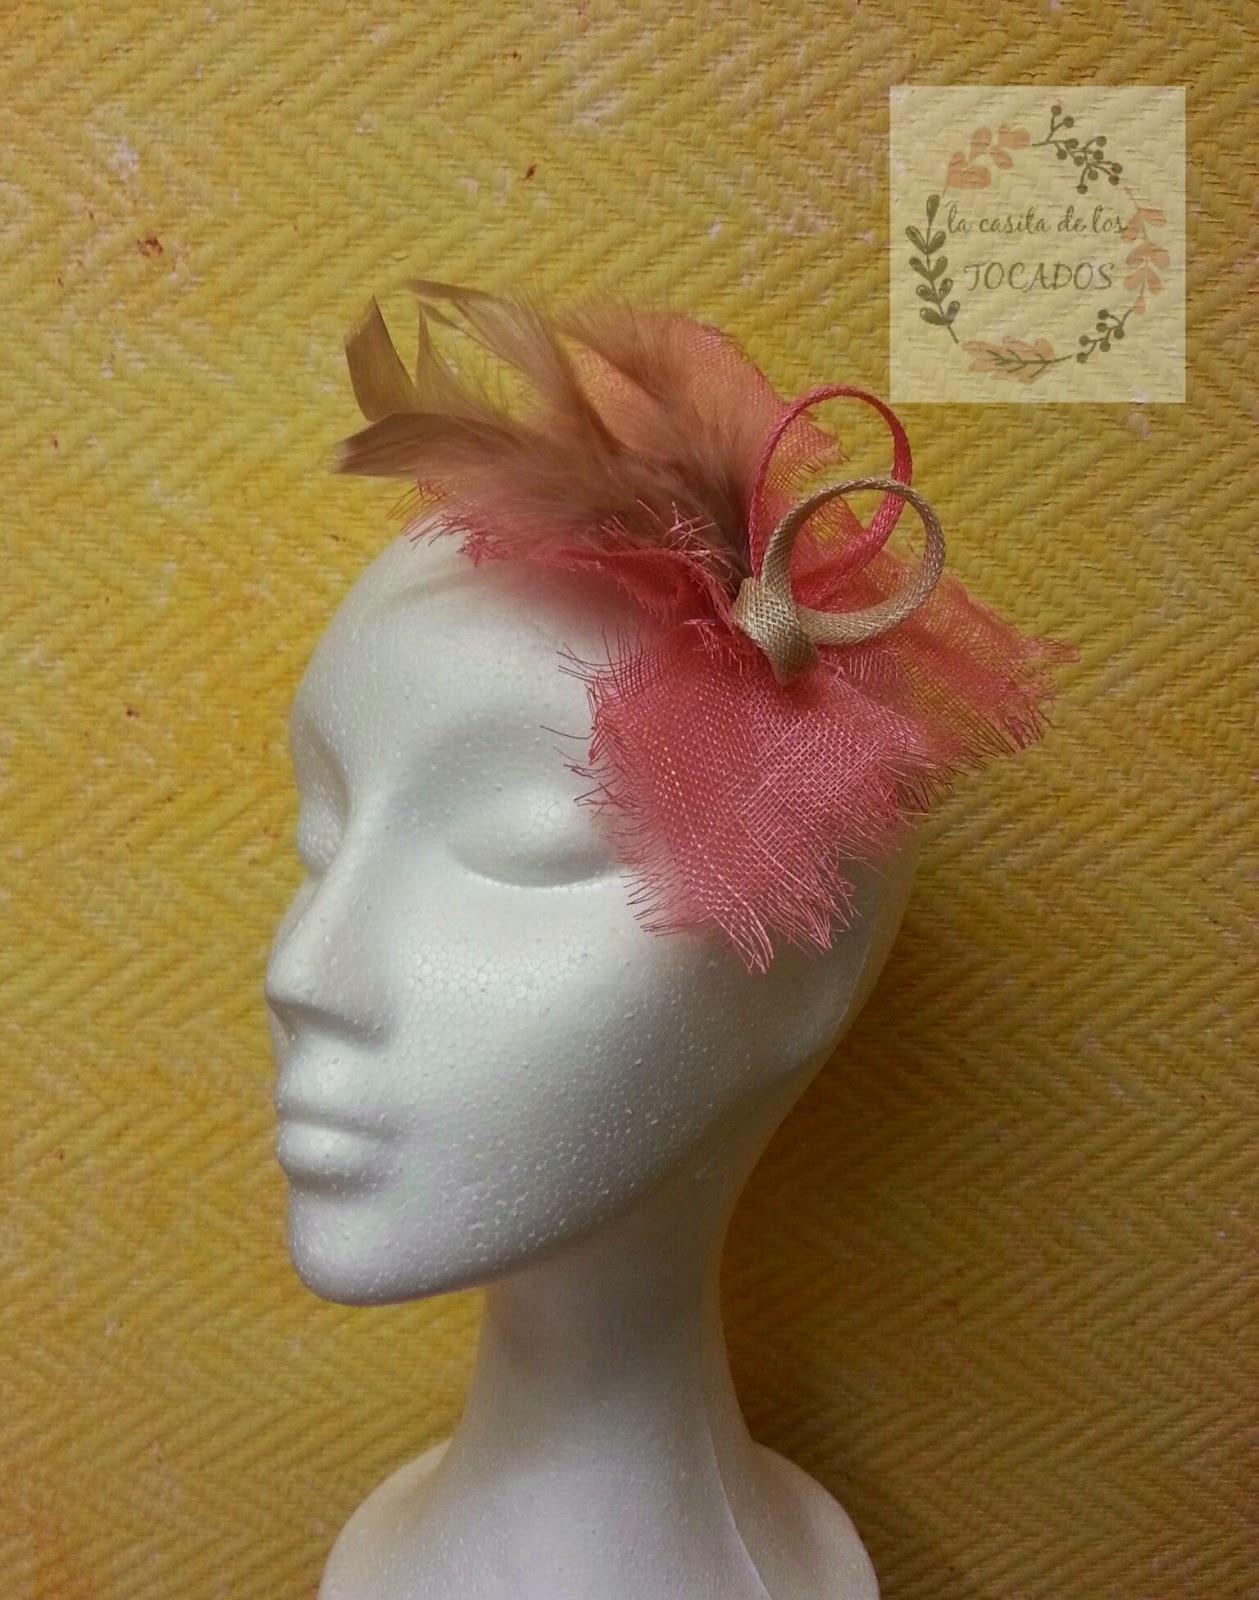 tocado para boda en colores coral y beige con plumas